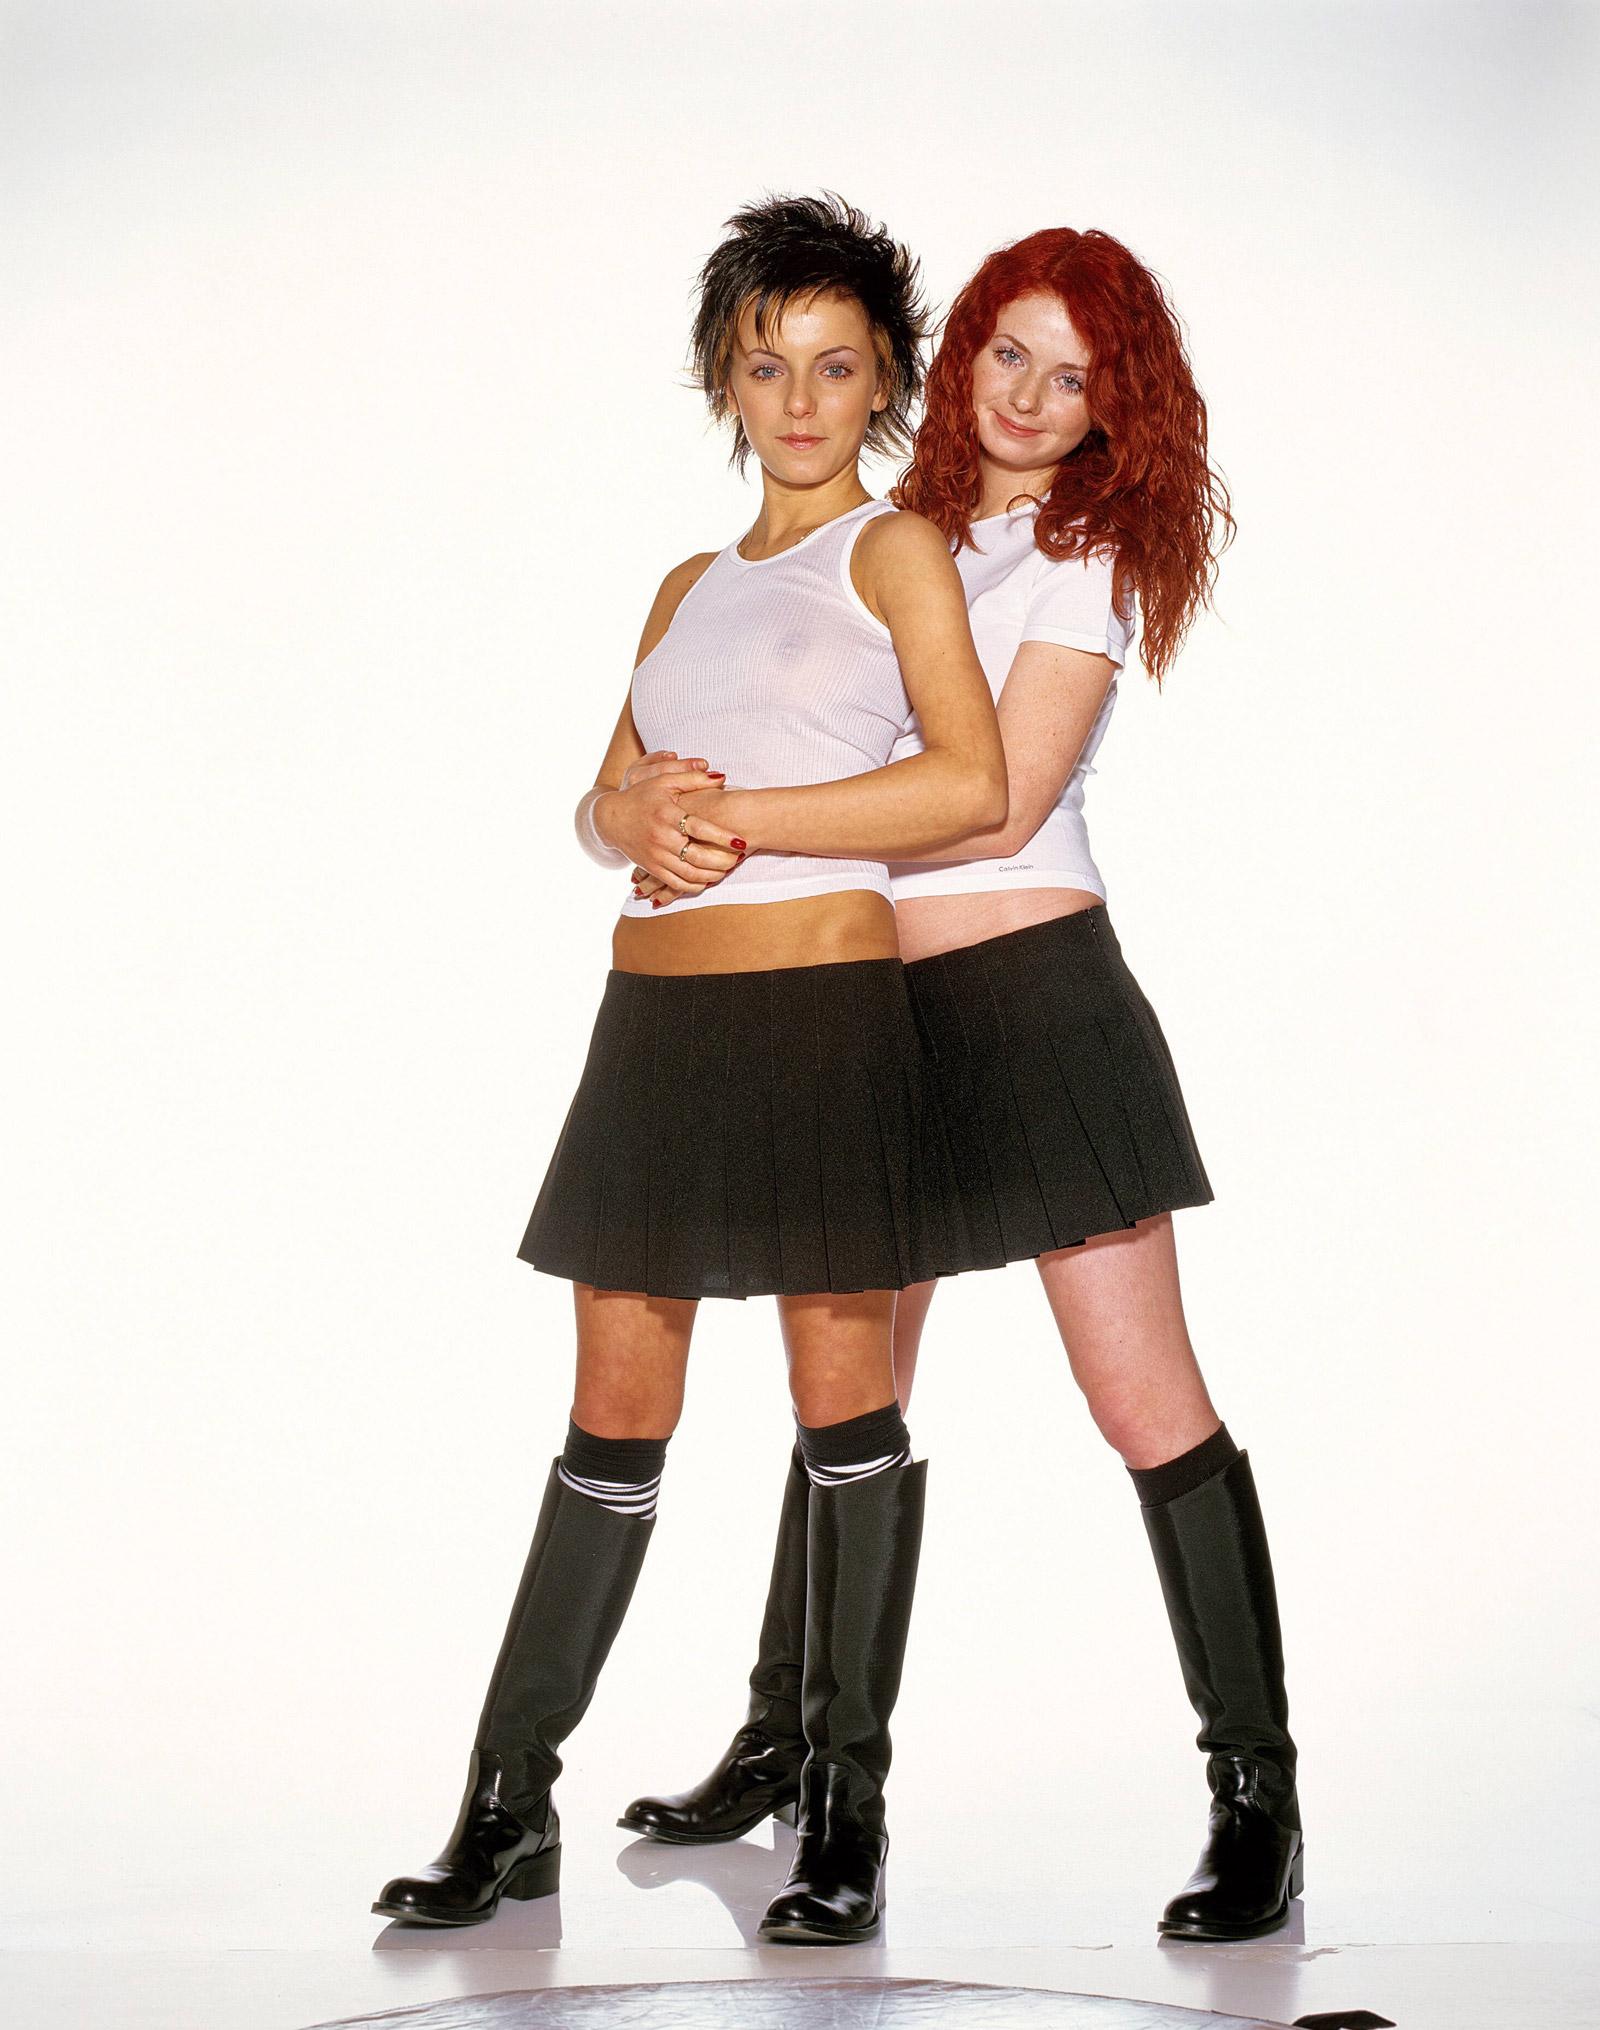 Madonna and naomi campbell posing nude - 3 part 4